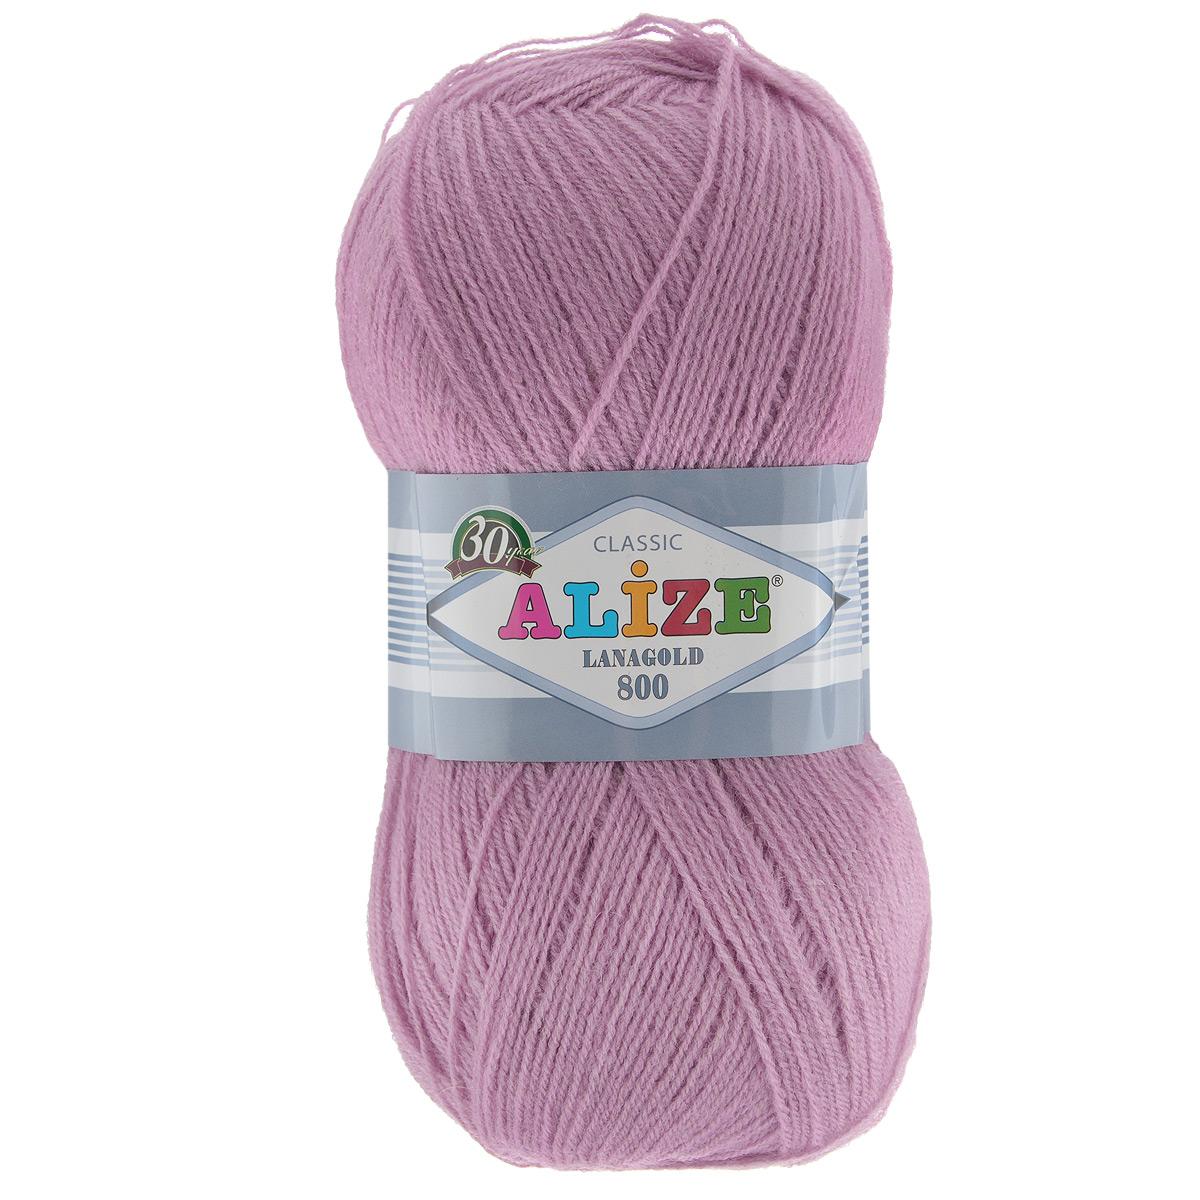 """Пряжа для вязания Alize """"Lanagold 800"""", цвет: розовый (28), 800 м, 100 г, 5 шт"""